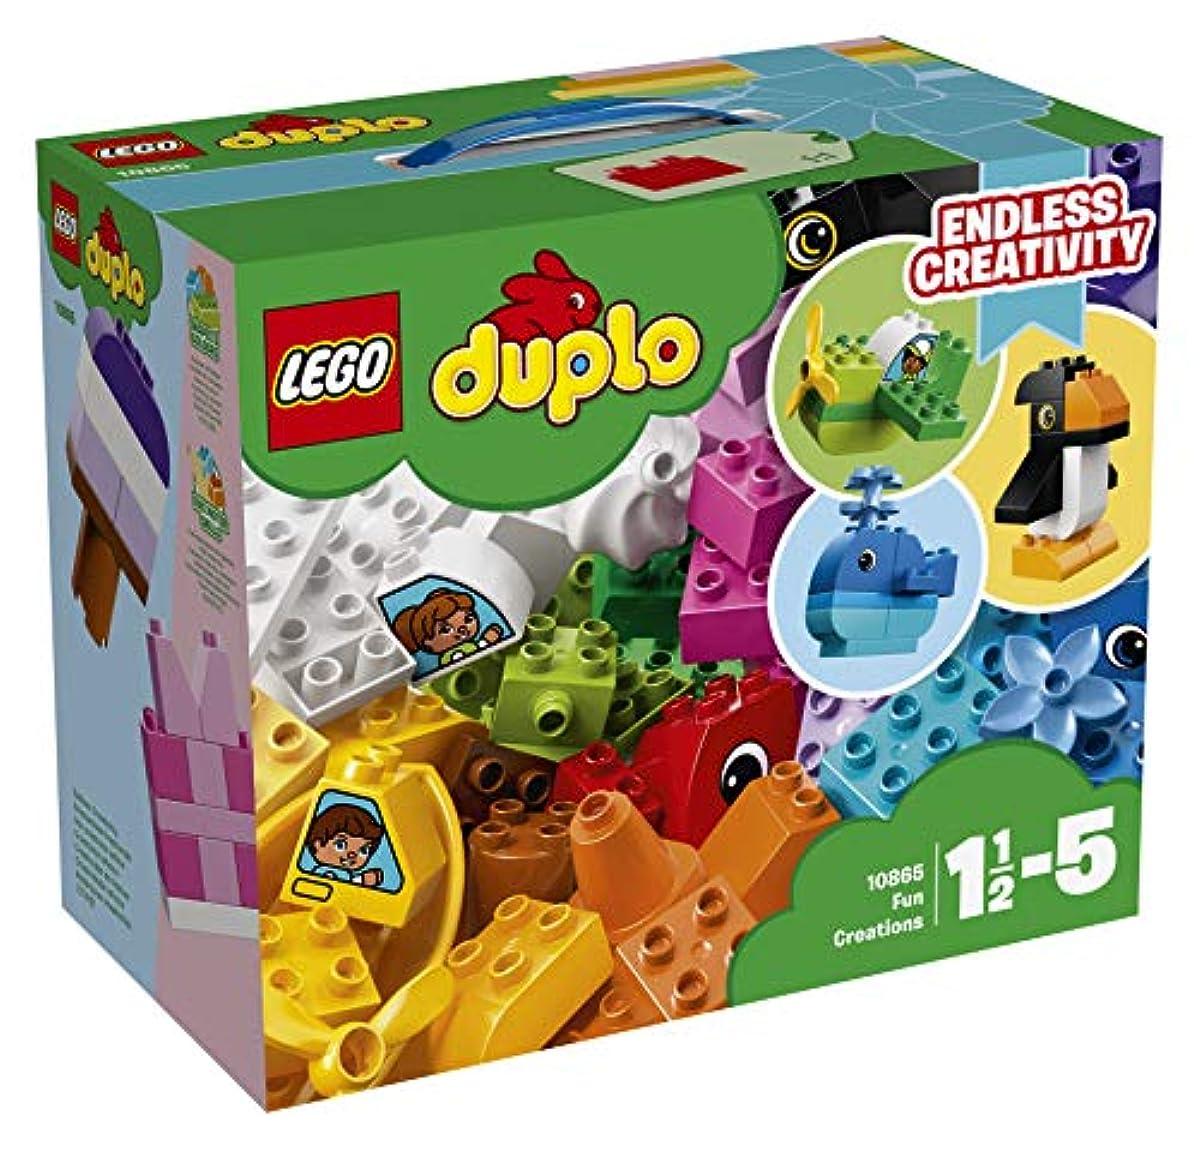 [해외] 레고(LEGO) 듀플로 듀플로(R)의 여러가지 아이디어 박스 10865